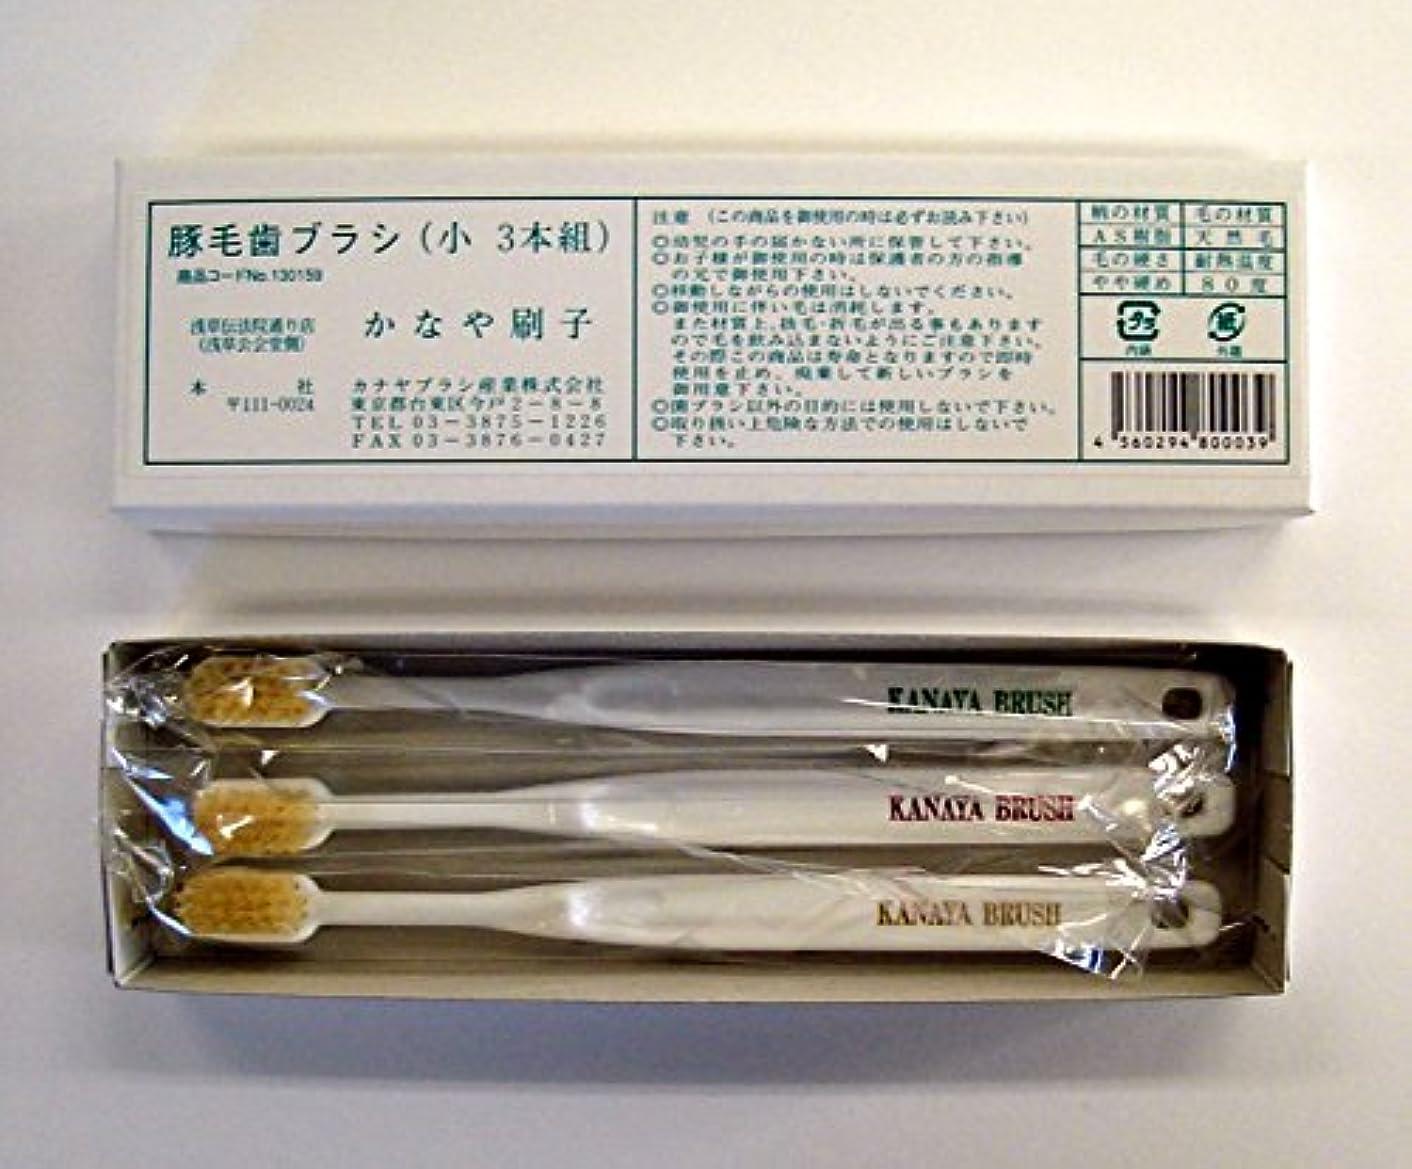 おかしい適切に十分な豚毛歯ブラシ(3本入り) 絶品! カナヤブラシ製品 毛質:硬め (小)